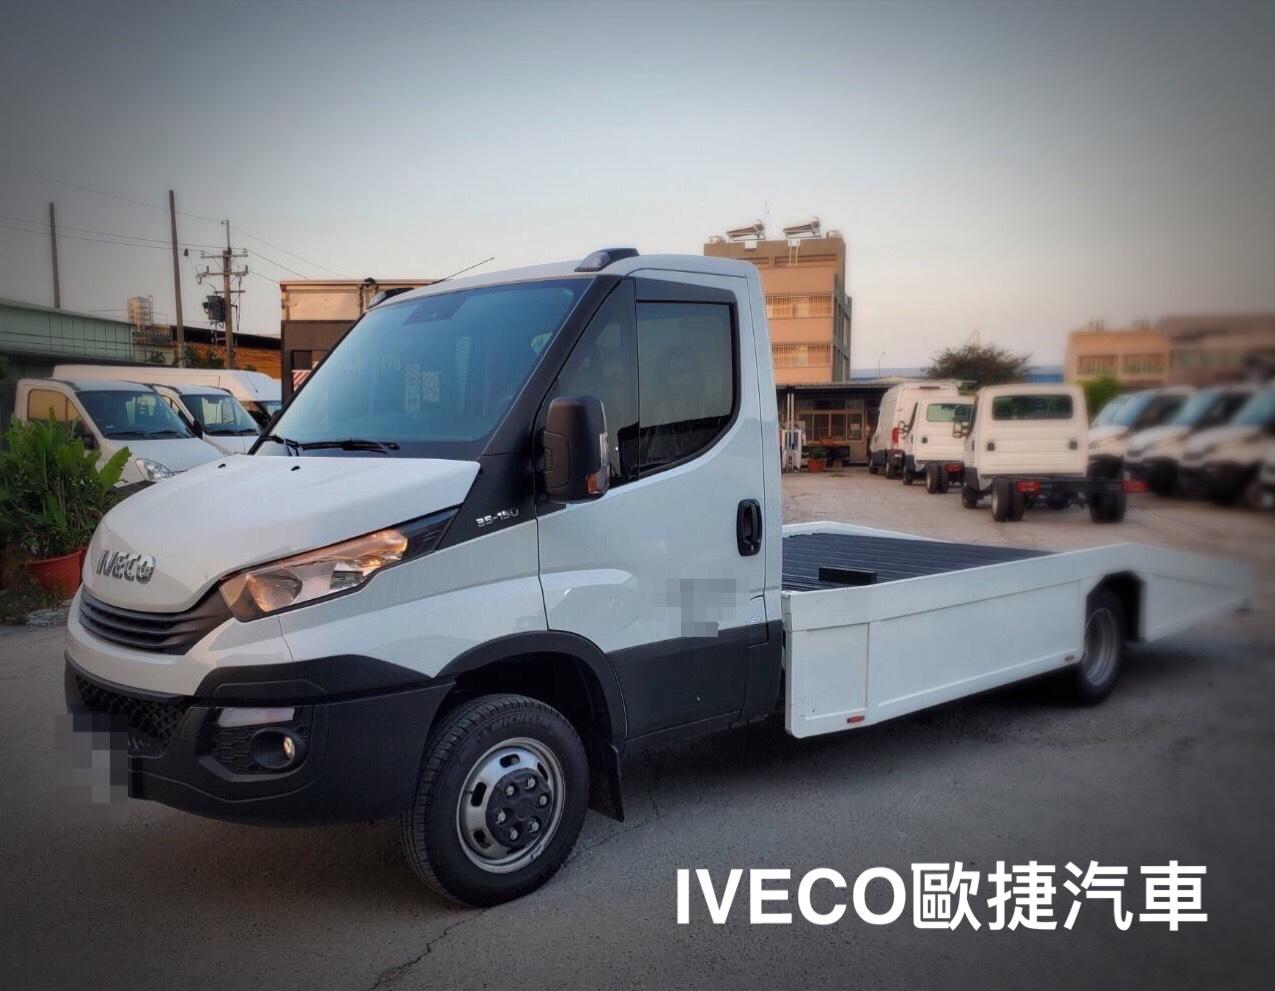 IVECO貨車平板貨台